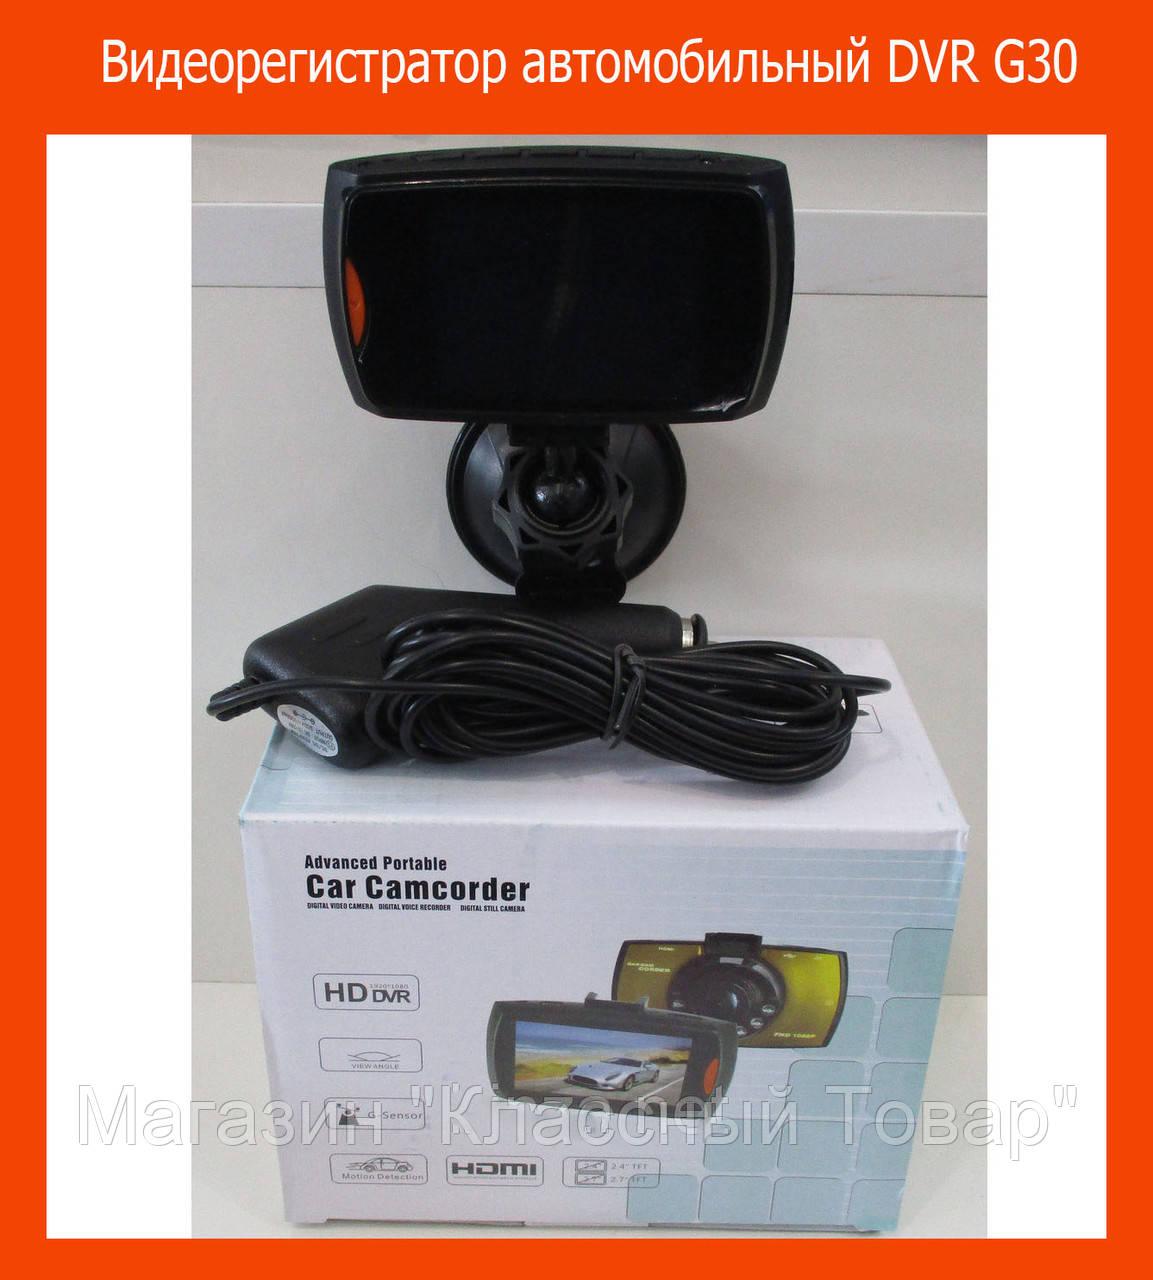 Видеорегистратор автомобильный DVR G30! Лучший подарок